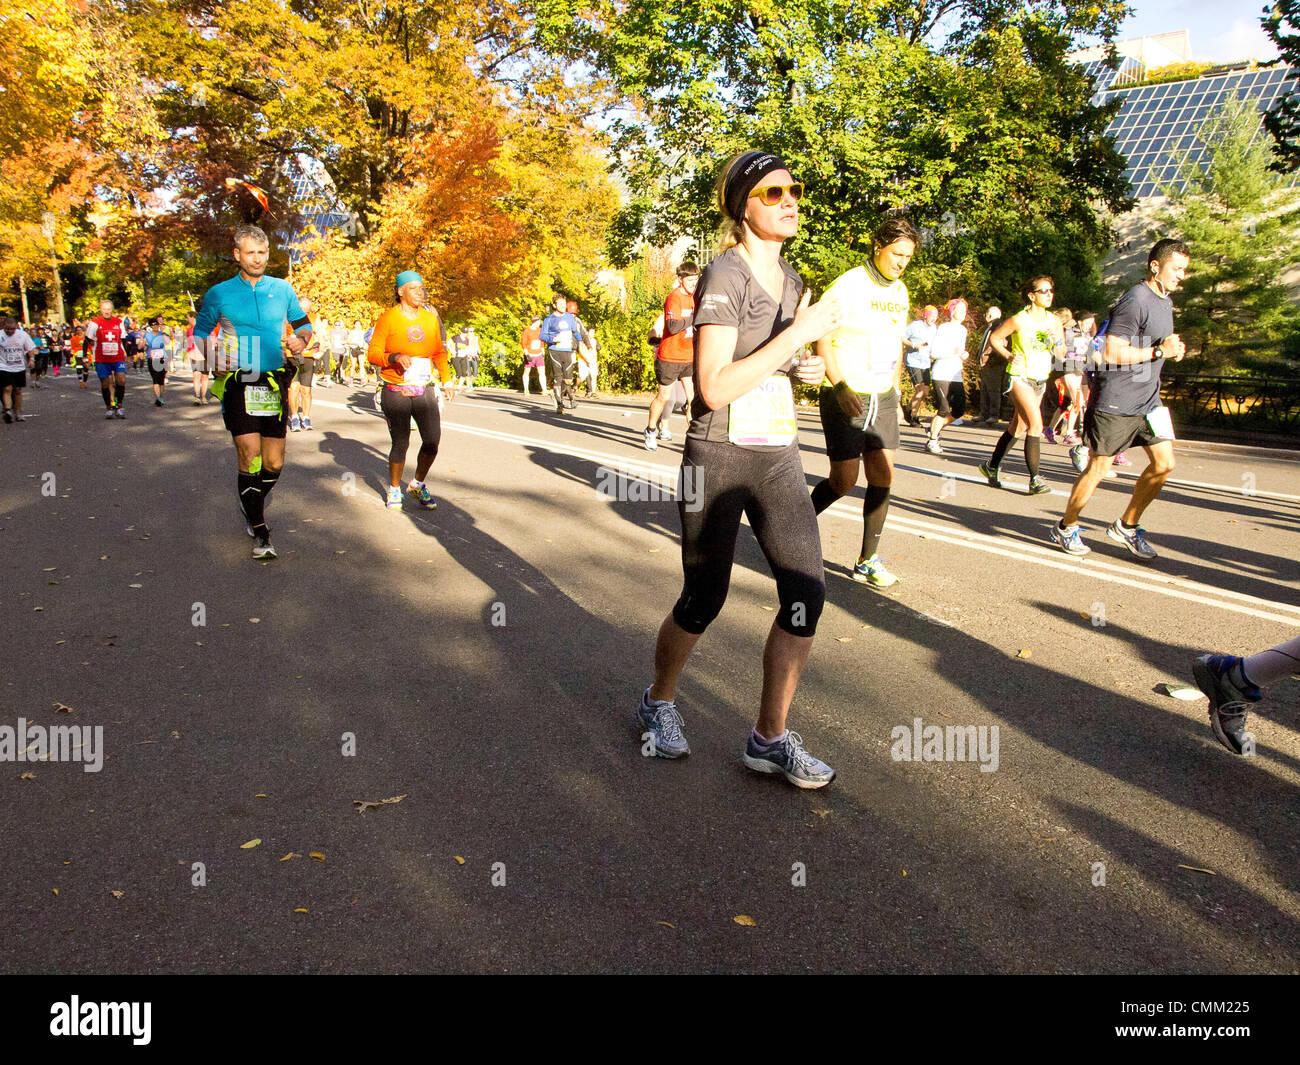 New York, Stati Uniti d'America. Il 3 novembre 2013. Maratona di New York 2013. Maratona di New York il 3 novembre Immagini Stock